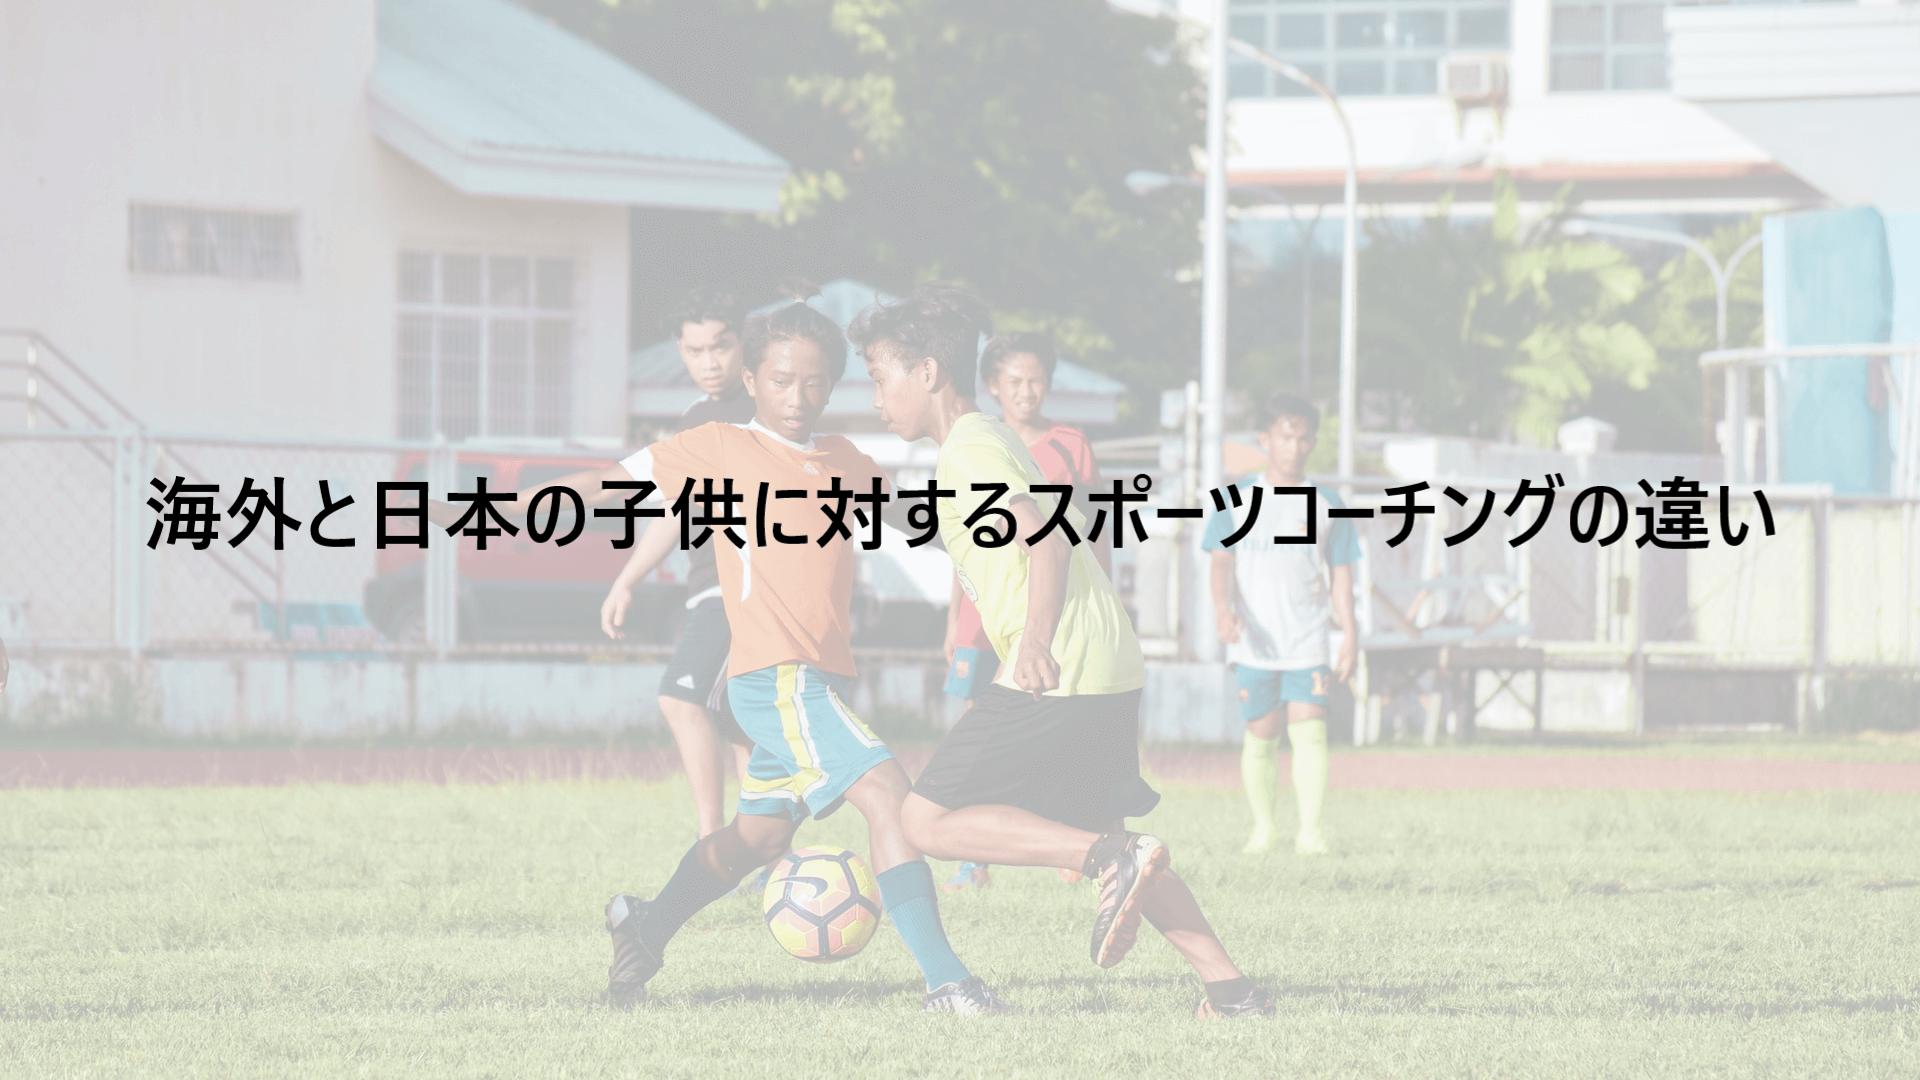 海外と日本の子供に対するスポーツコーチングの違い